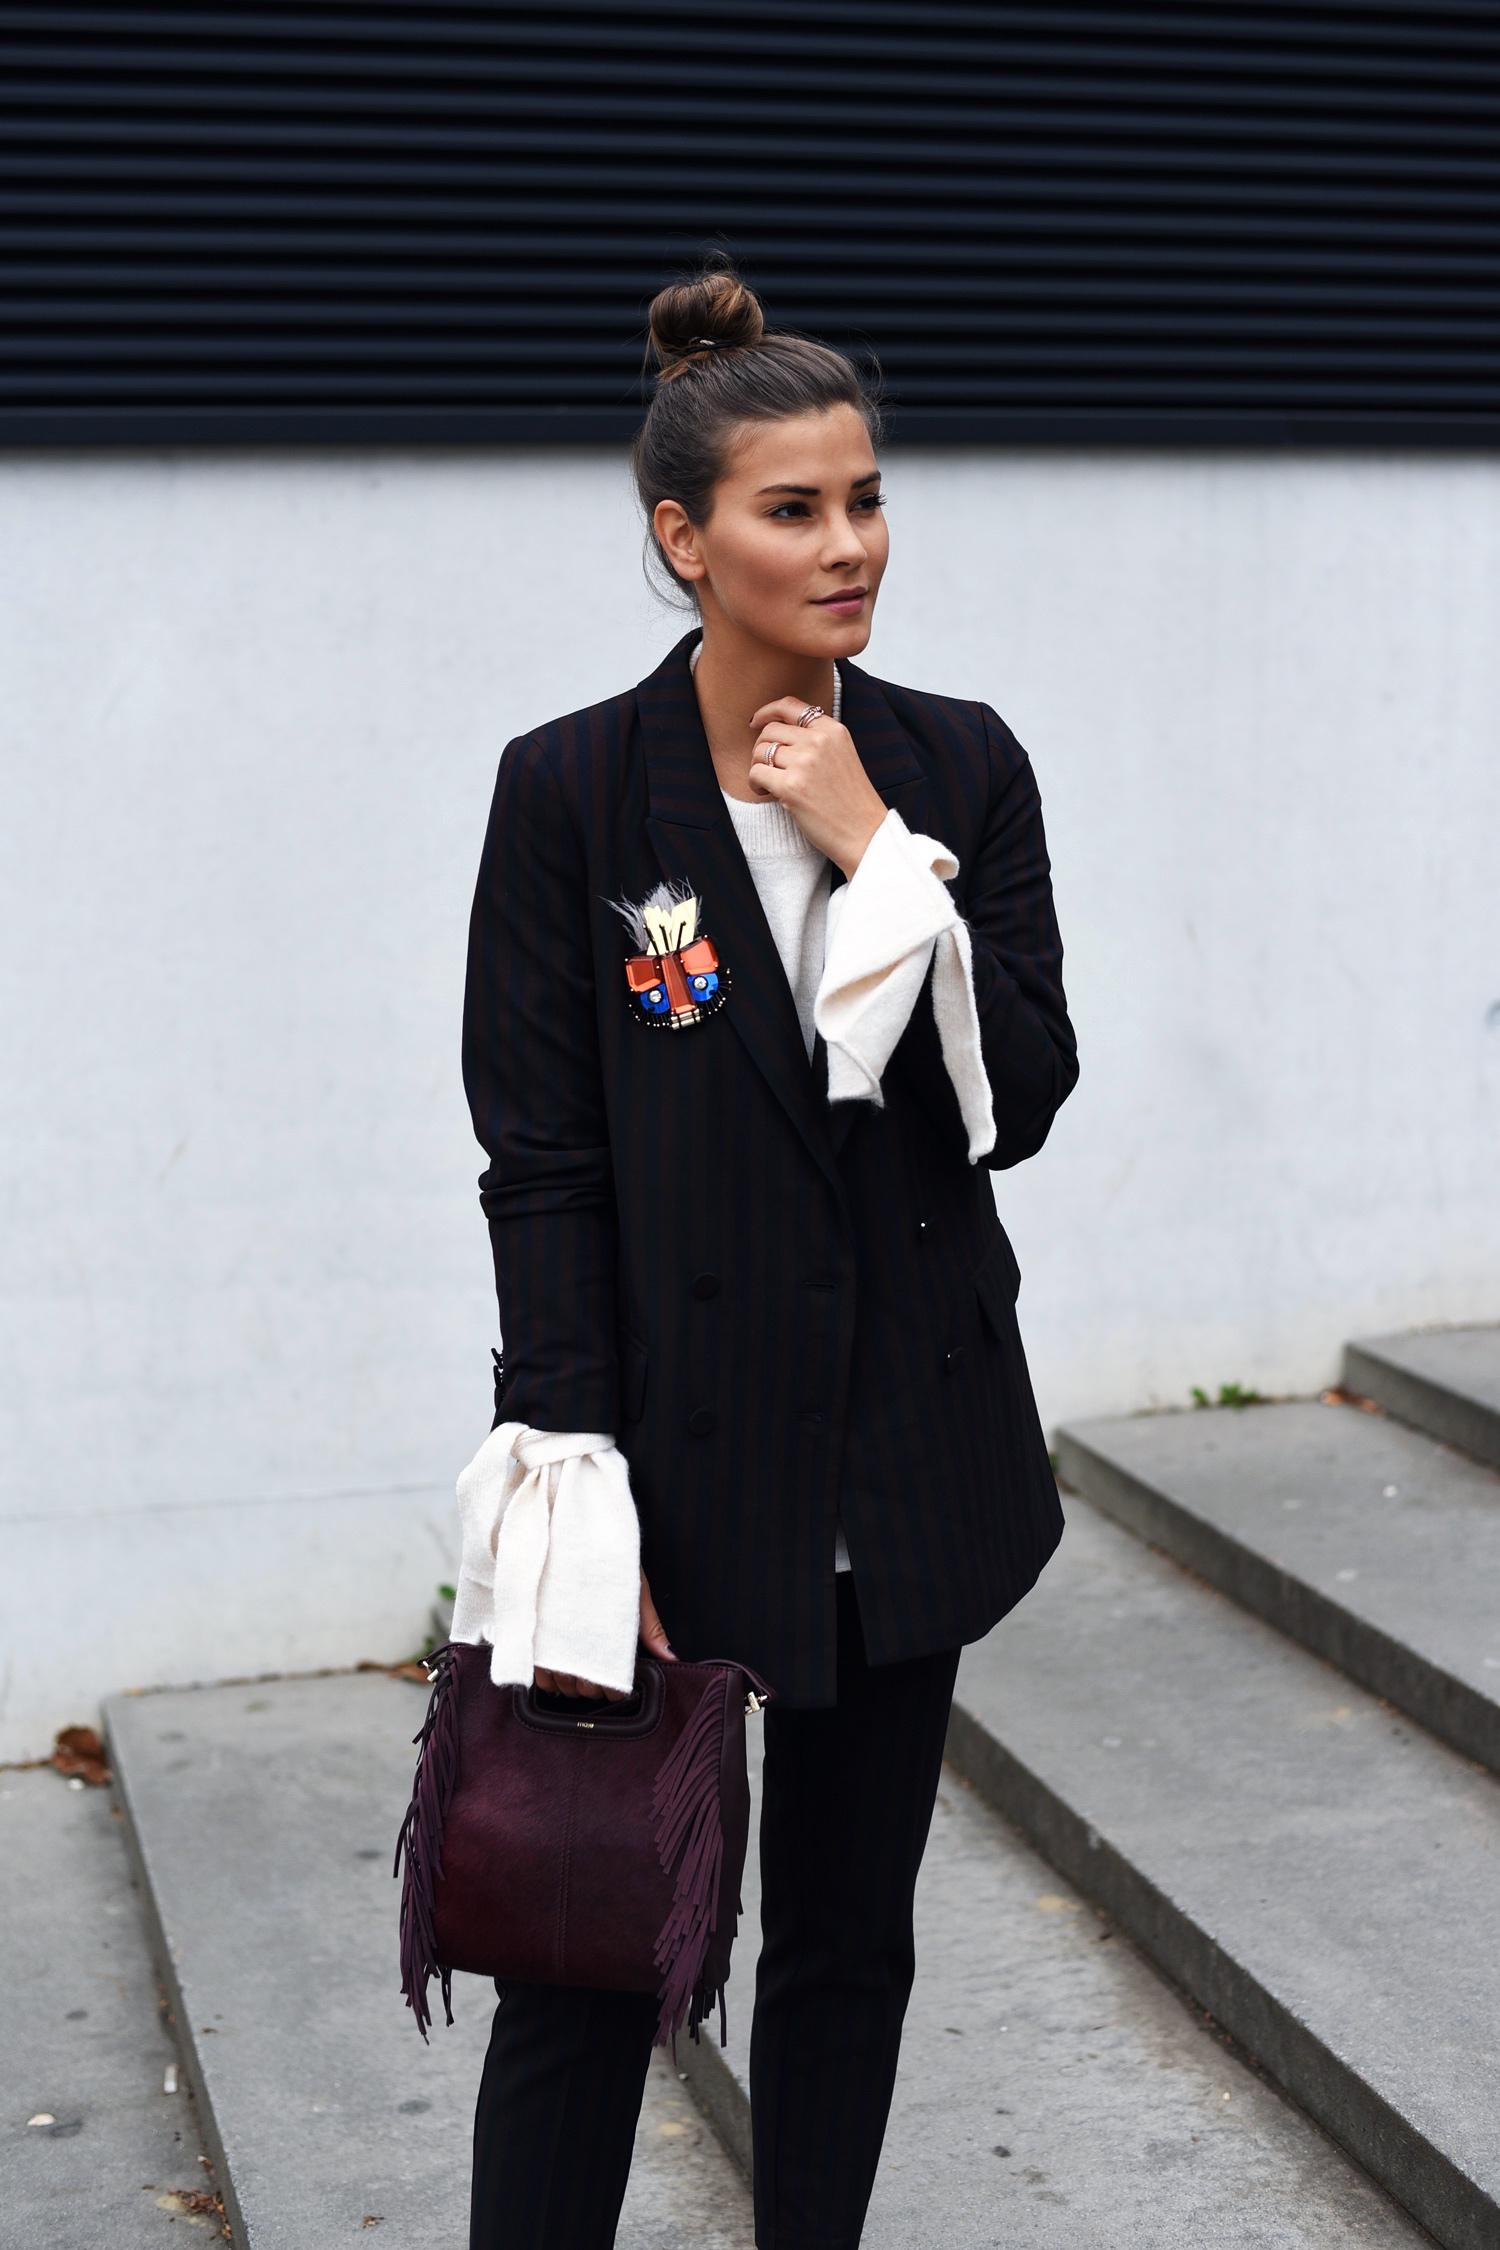 nina-schwichtenberg-vollzeit-bloggerin-muenchen-deutschland-fashionblog-hohe-reichweite-und-gute-qualitaet-fashiioncarpet